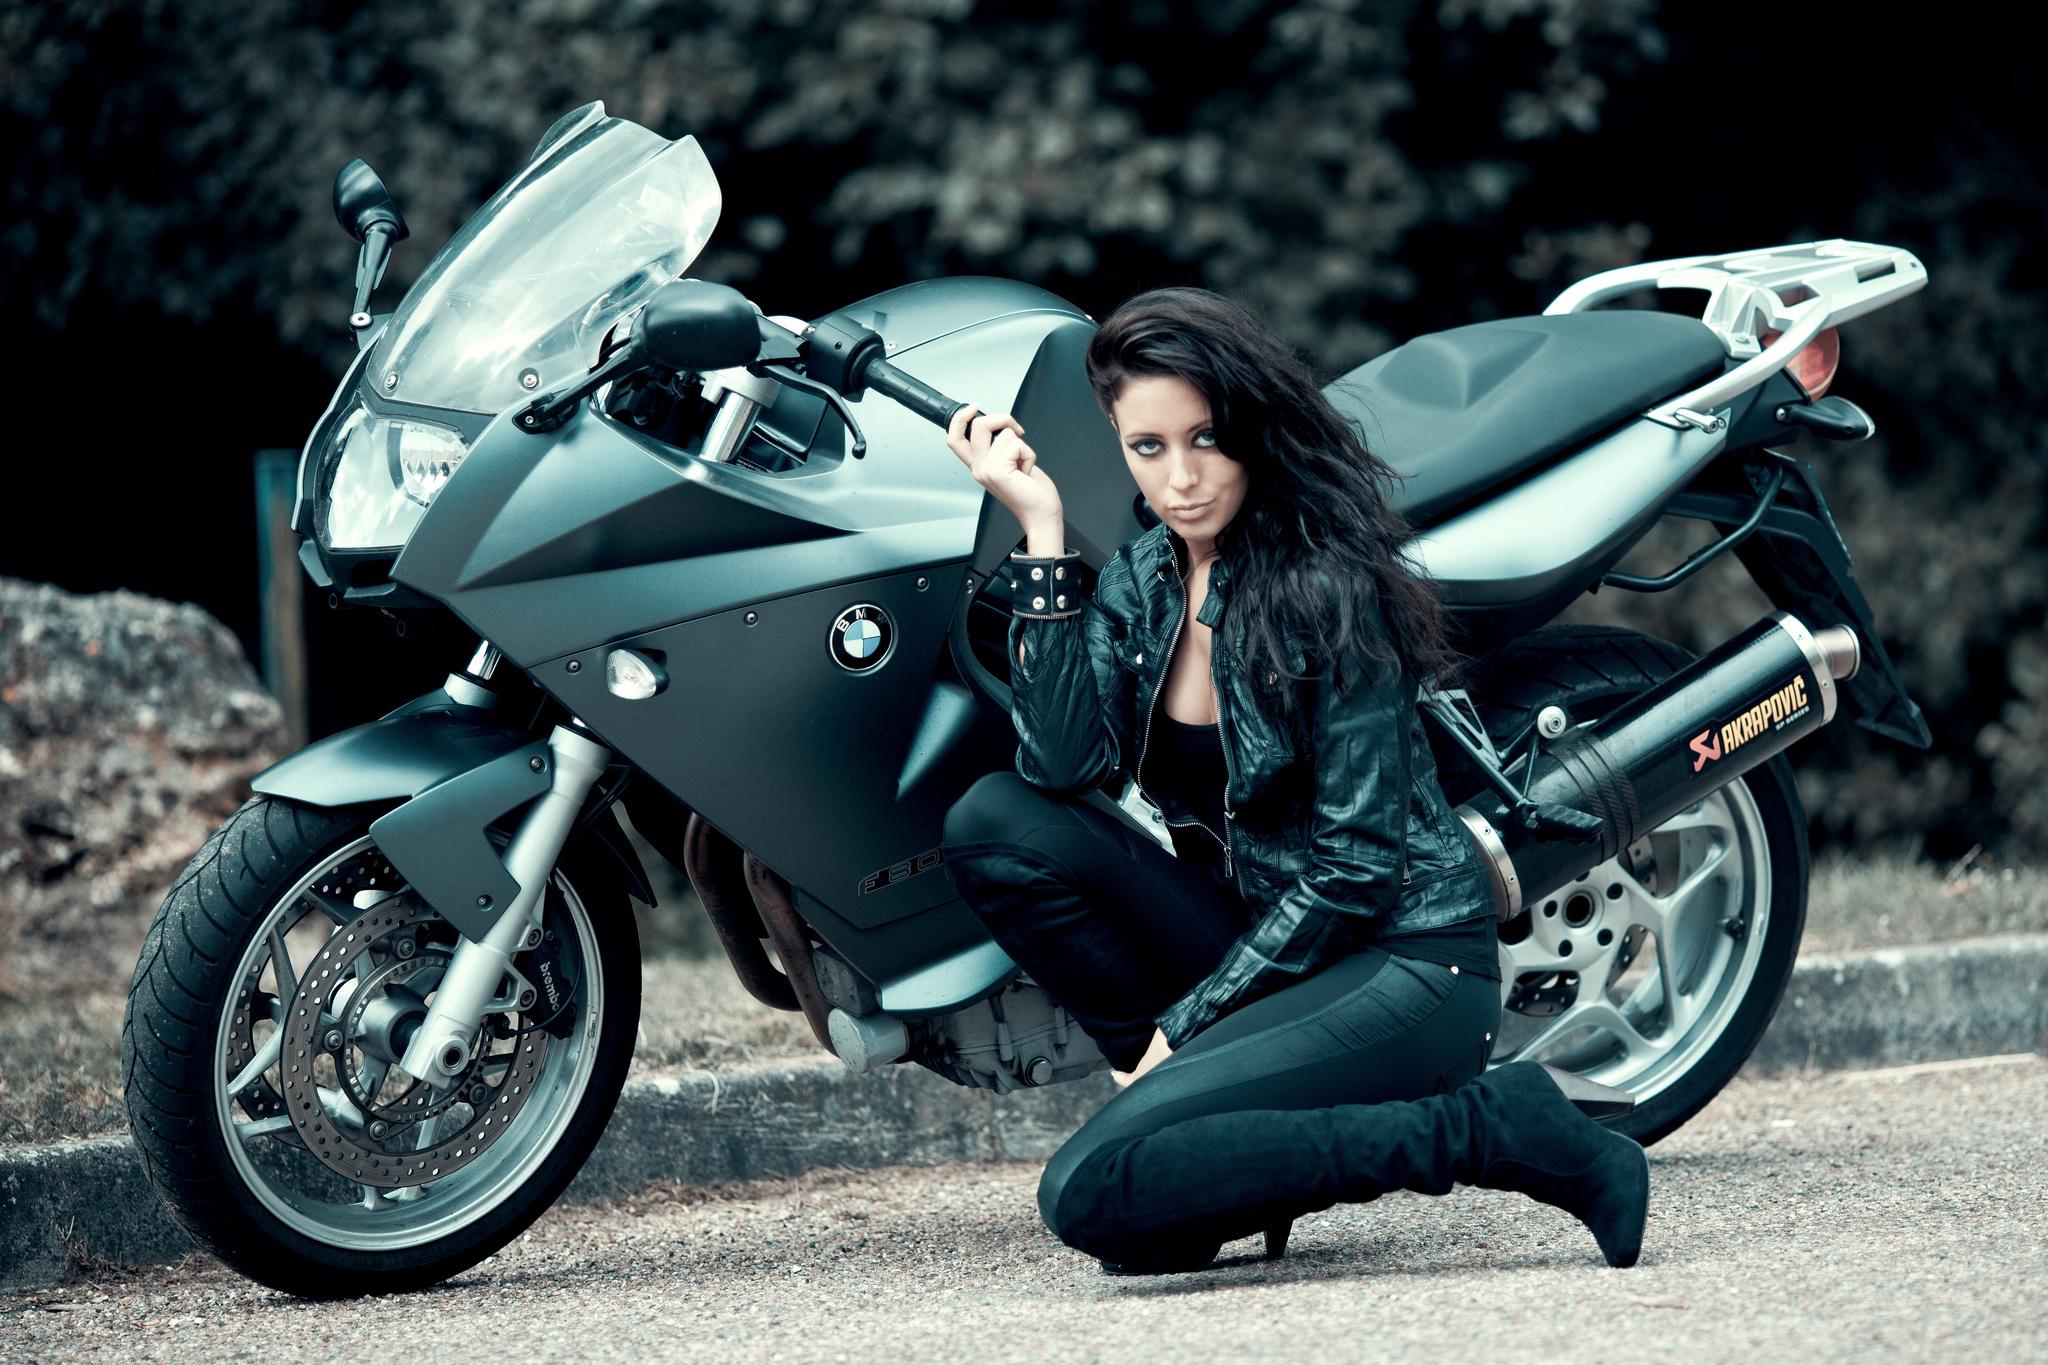 Фото девушек на байках, Прекрасные девушки на шикарных мотоциклах (80 фото) 19 фотография